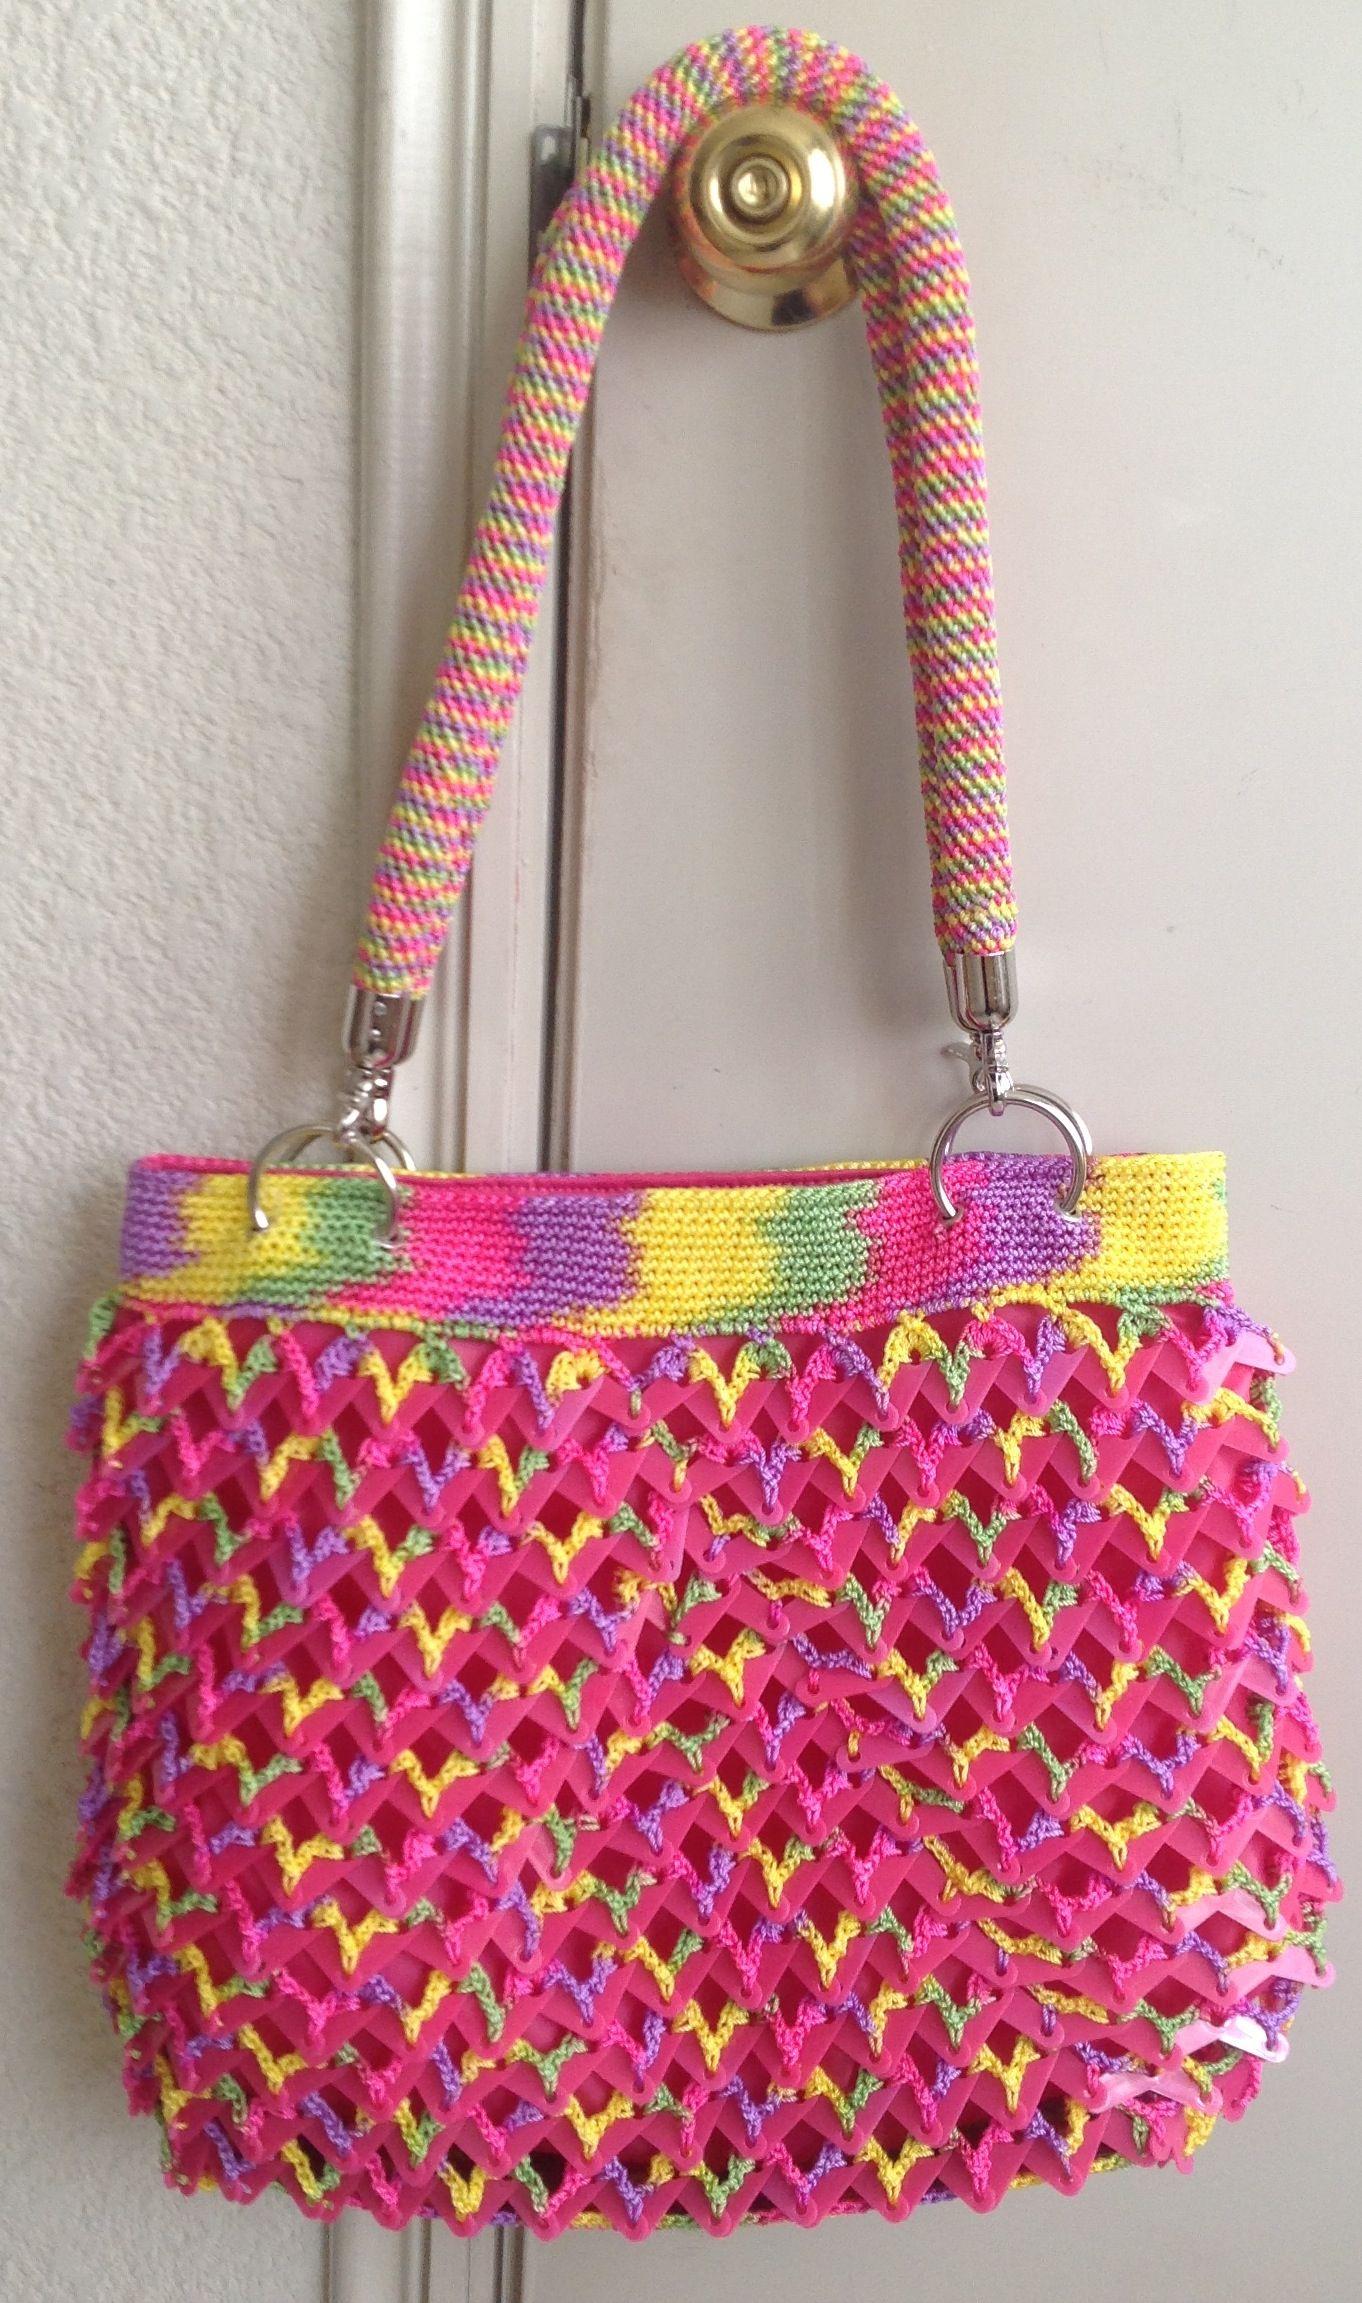 5f235c3ffe Bolsa tejida en crochet con fichas de plástico y asas en tejido tubular